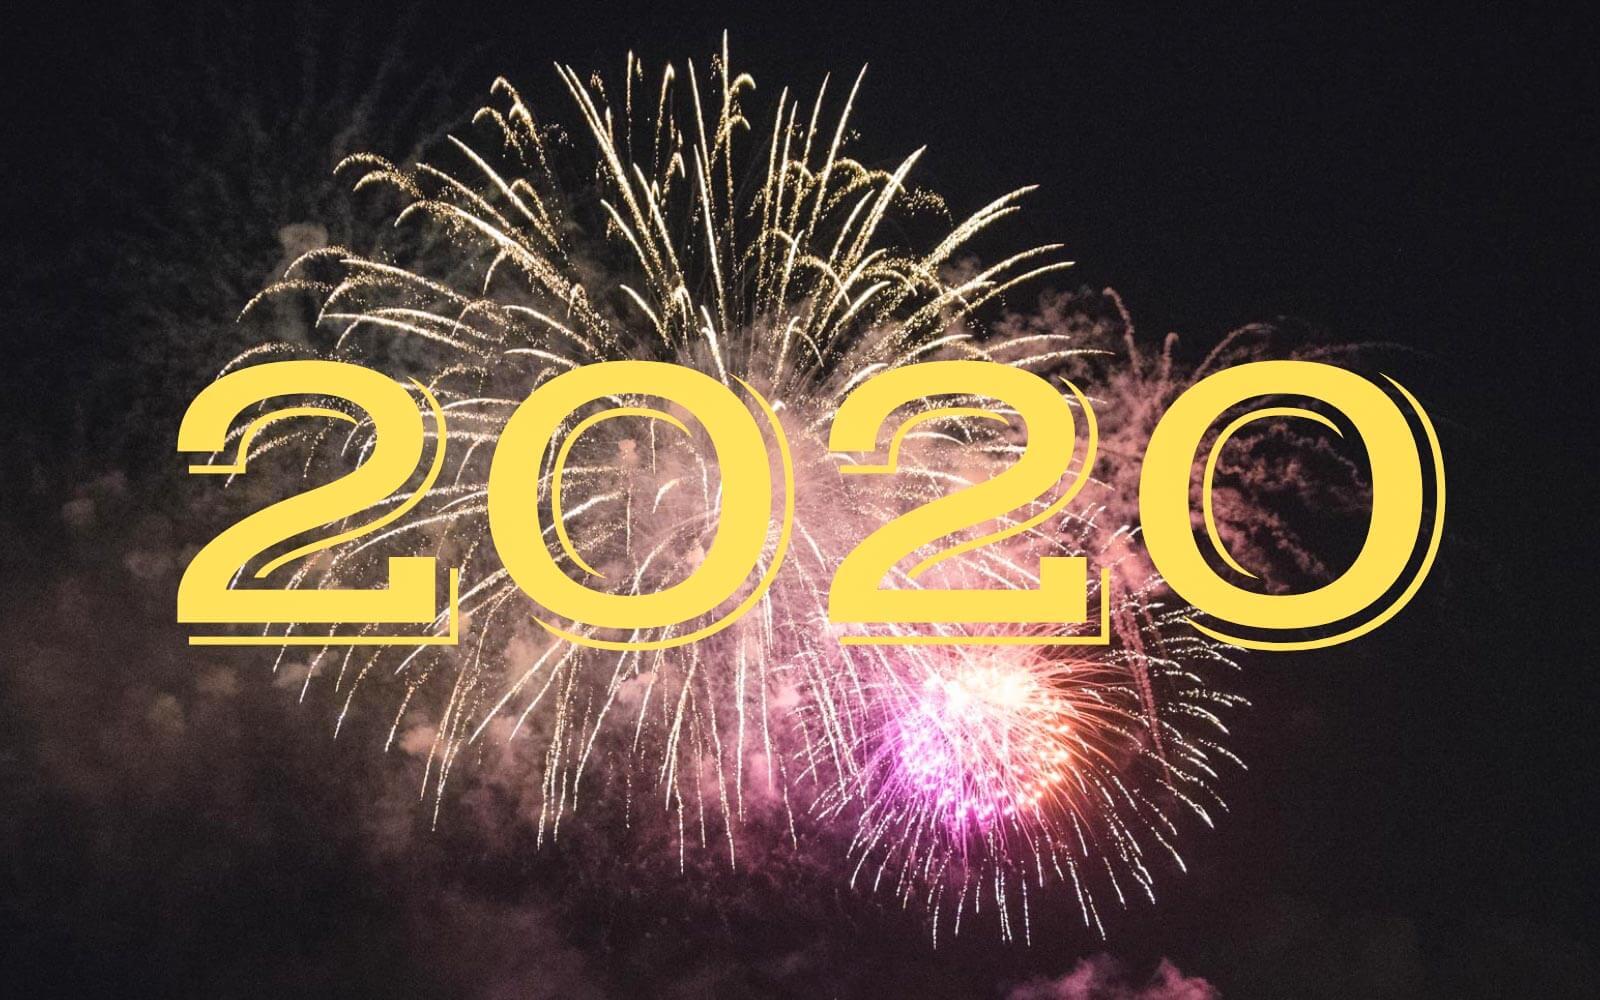 ALLES GUDDS VIR 2020